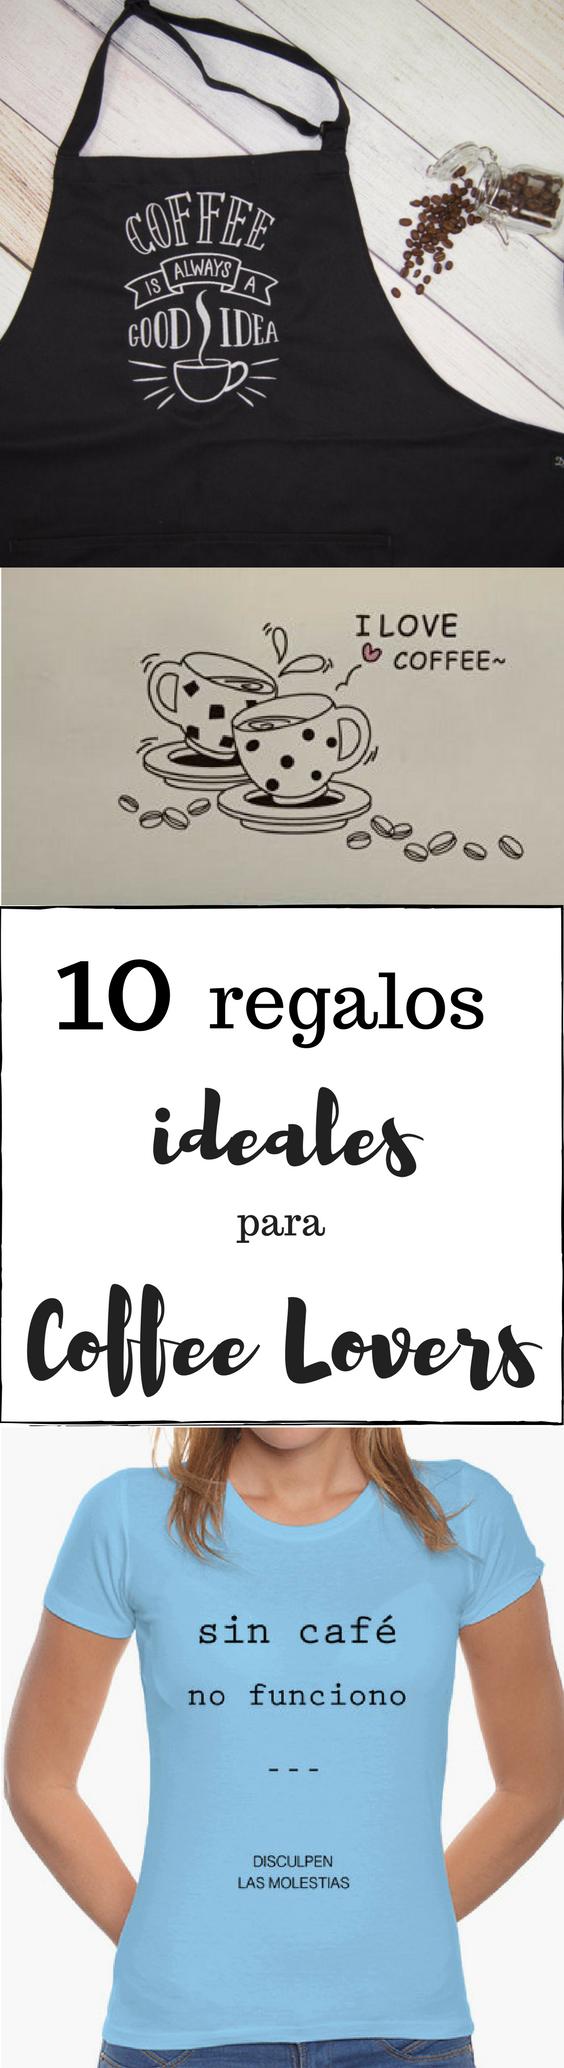 Regalos ideales para amantes del café